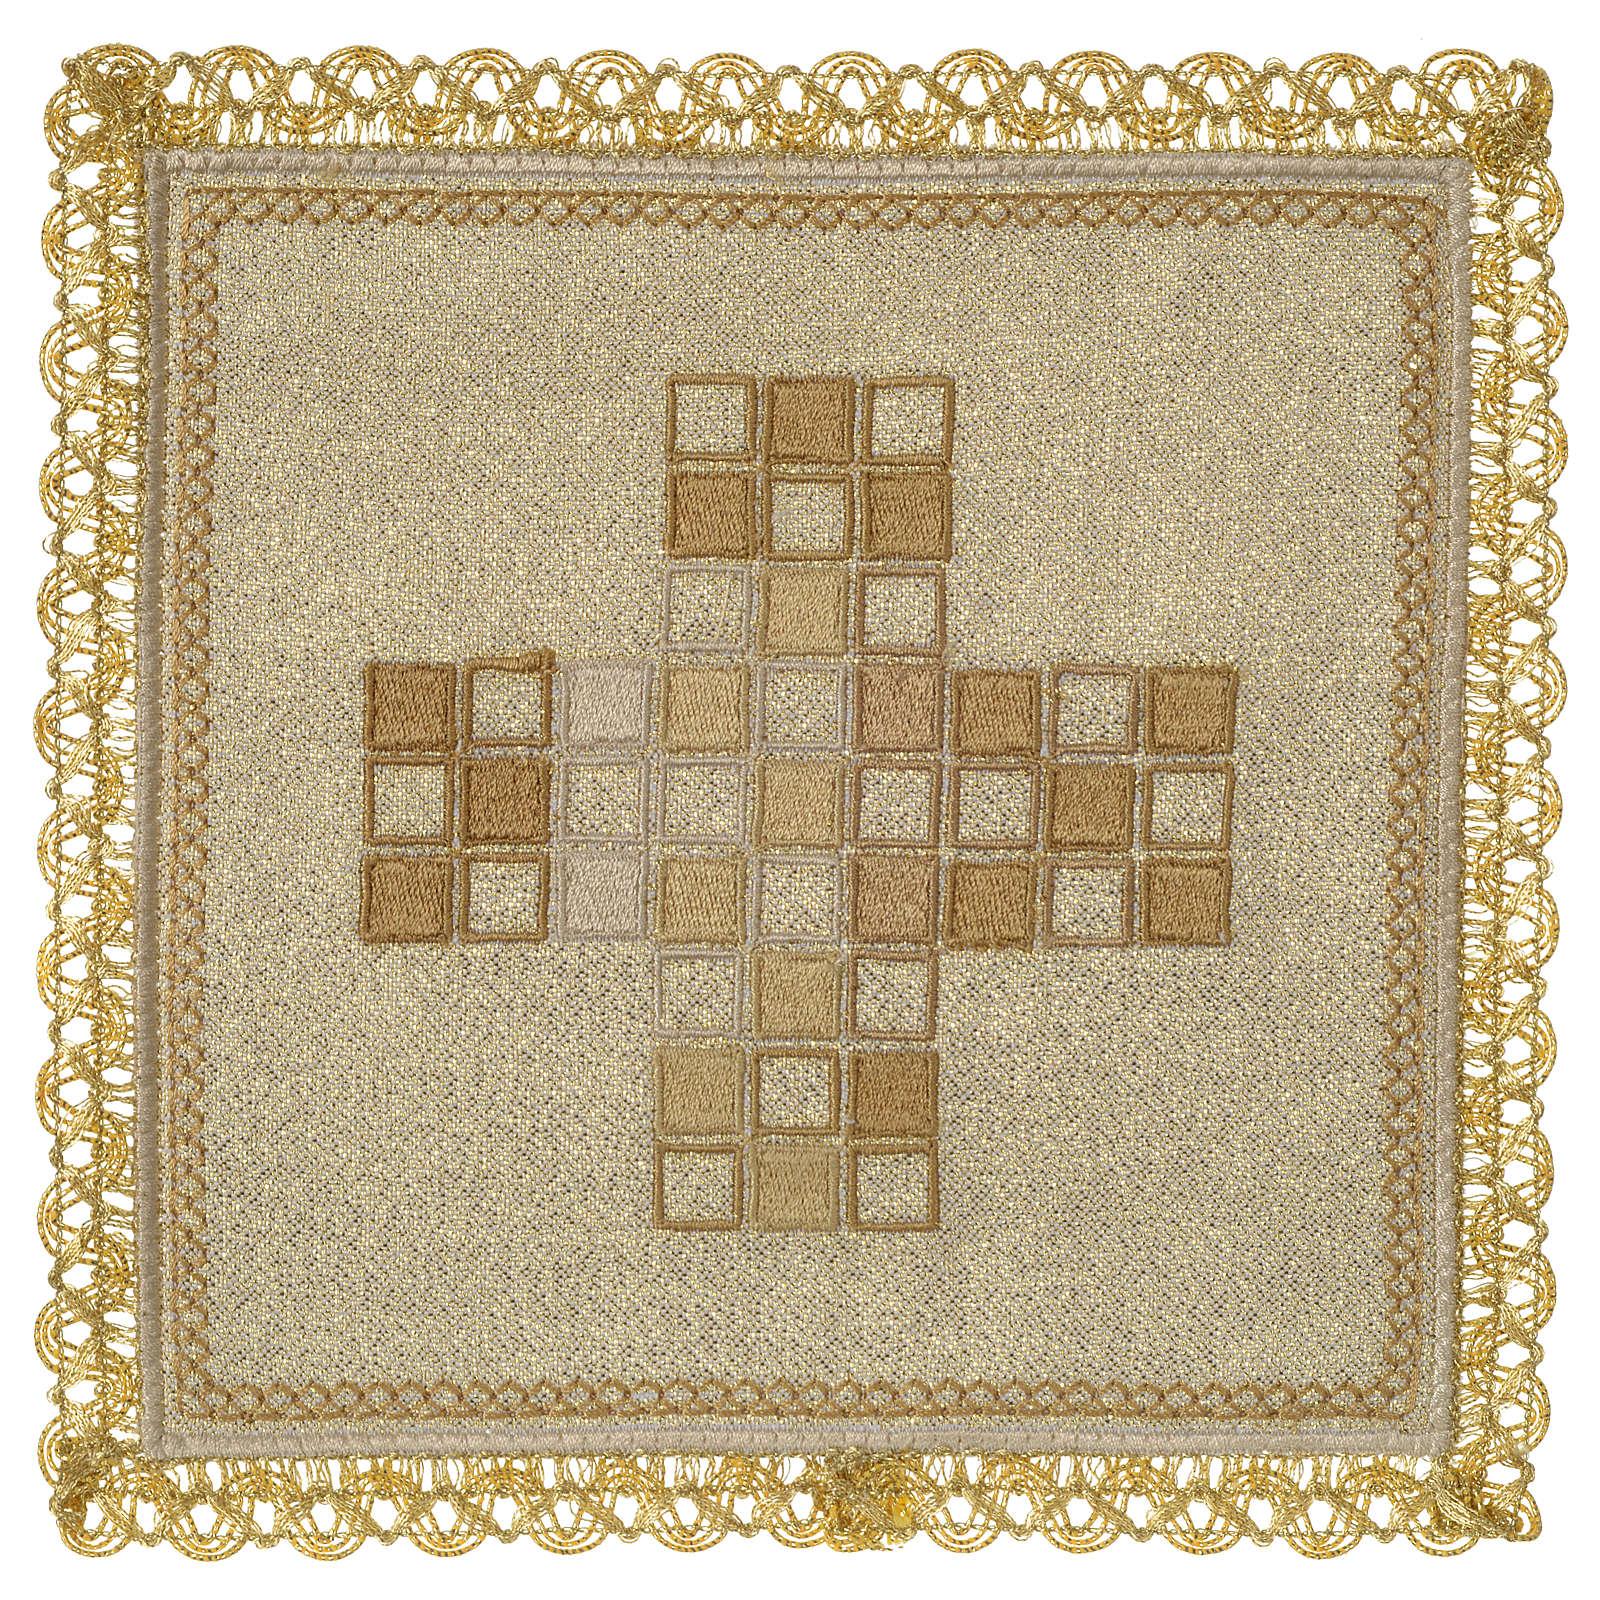 Servizio da altare 100% lino moderno motivo quadri 4